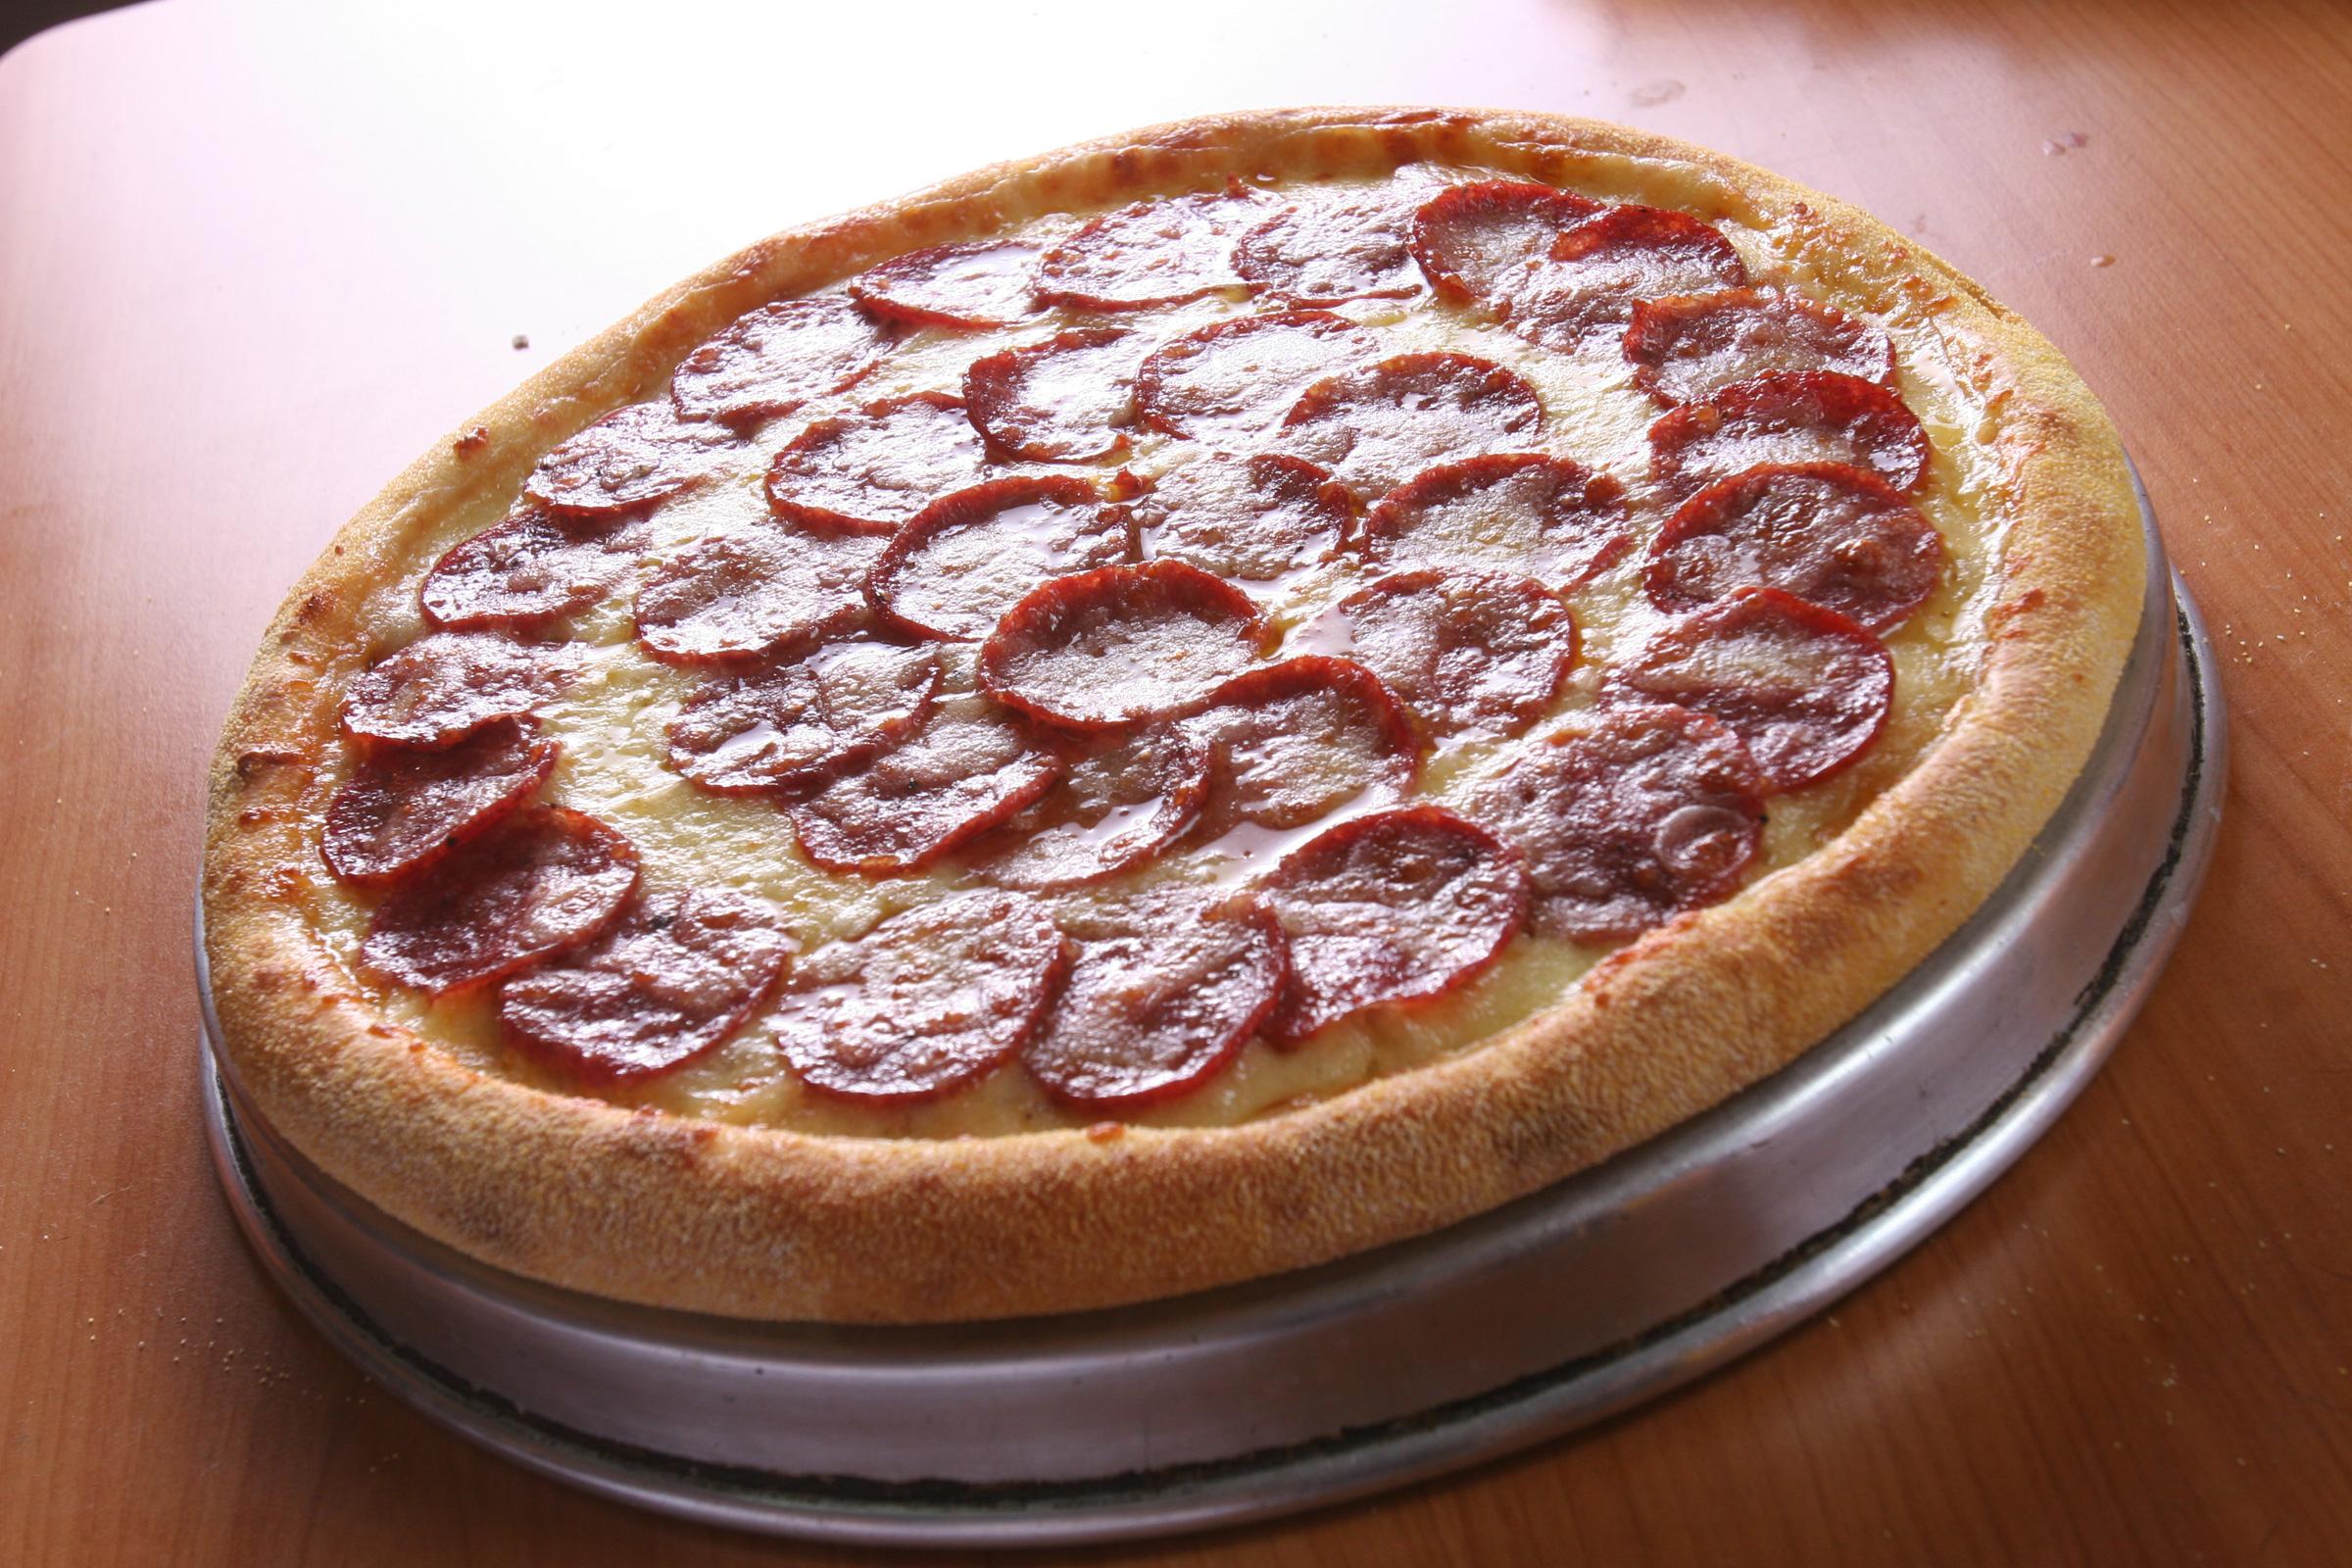 53a40903afbab64117fedc49_Beef-pepperoni.jpg